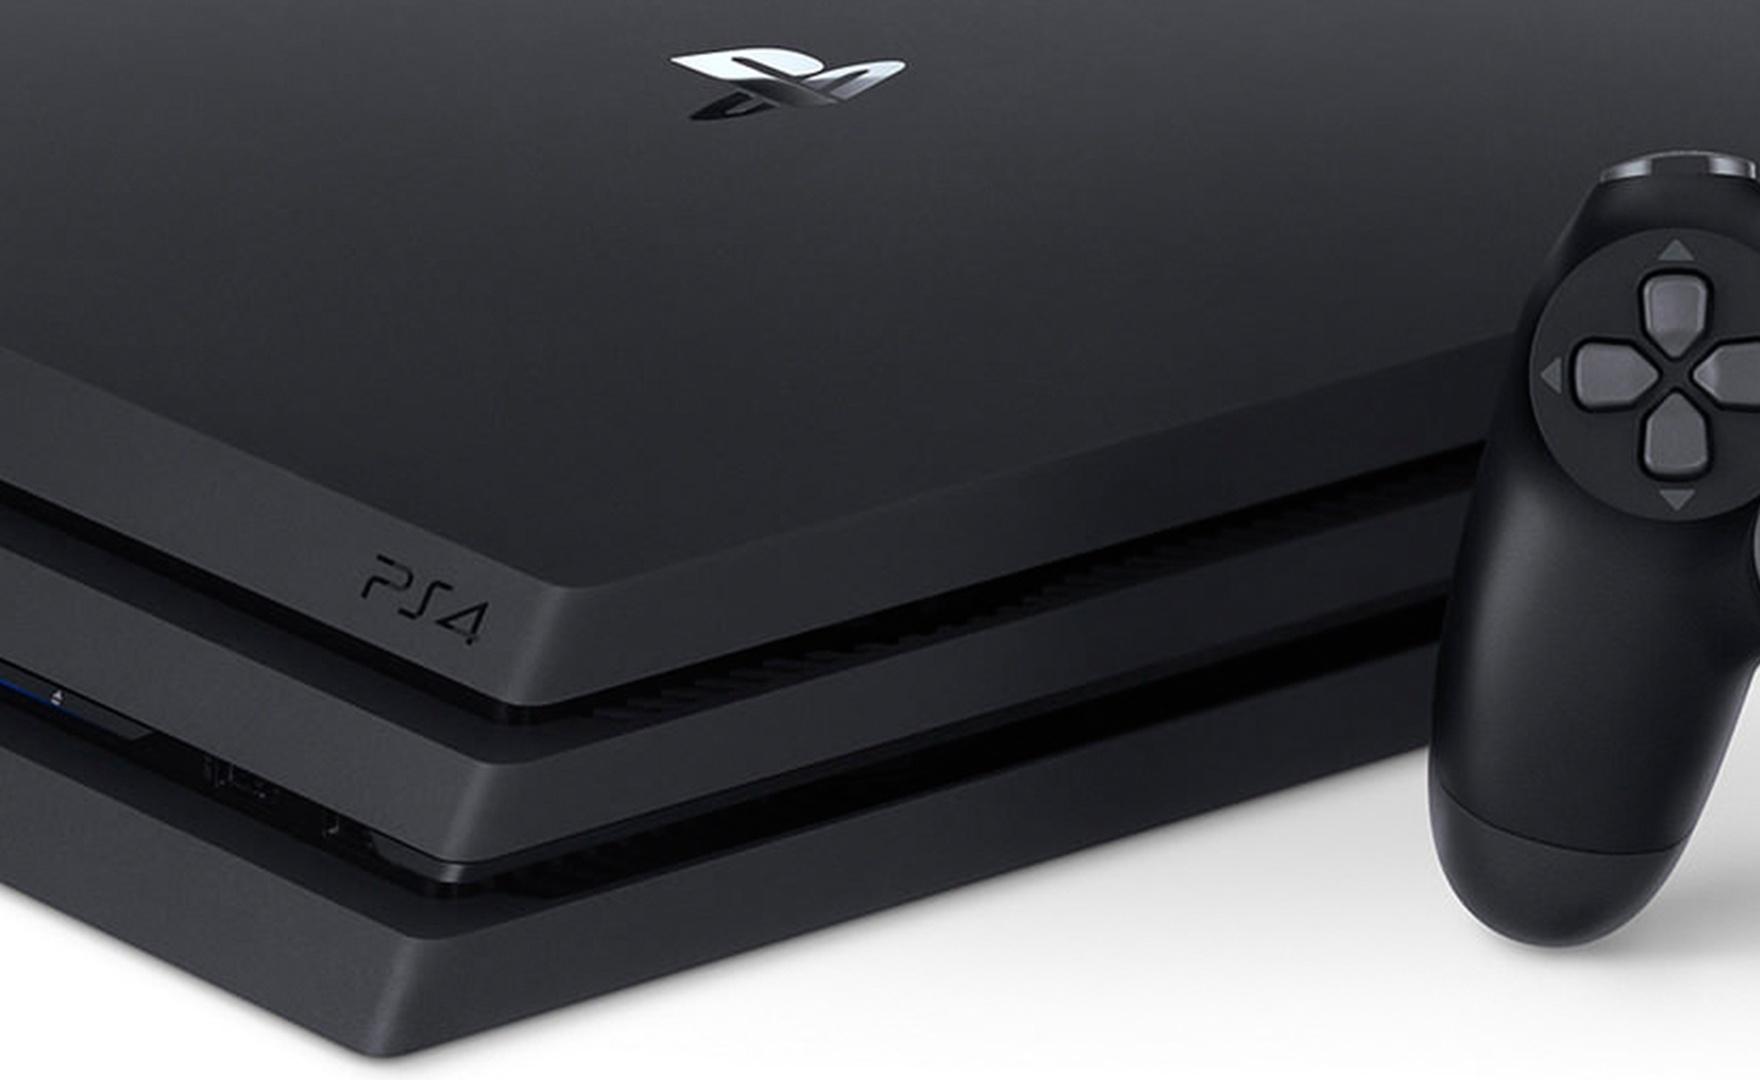 PS4, migliaia di console usate per minare criptovalute